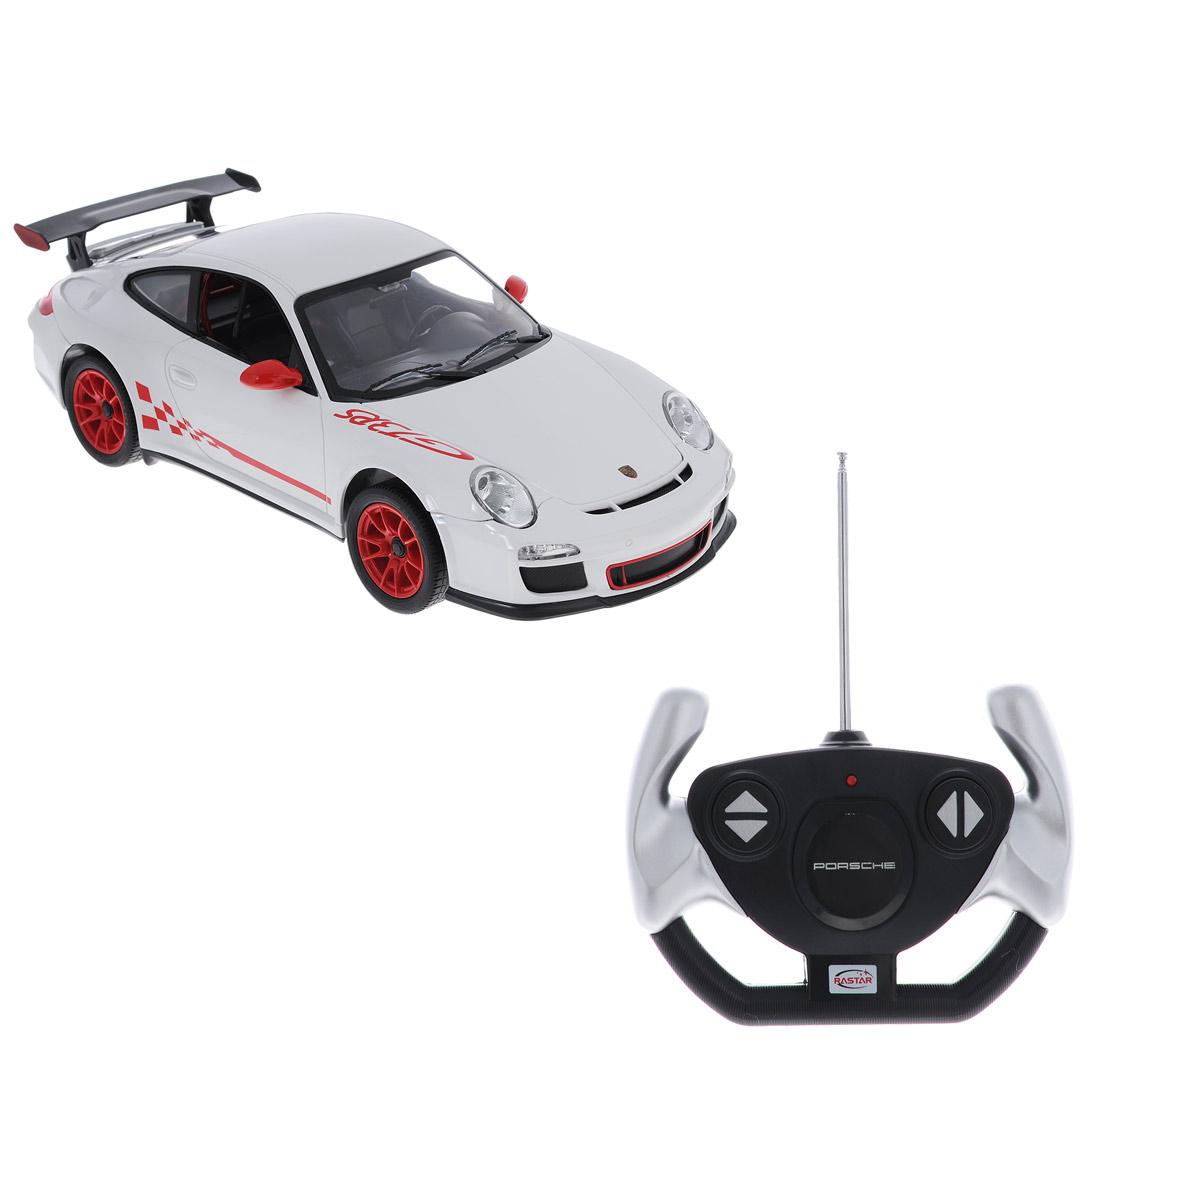 Радиоуправляемая машинка Porsche 911 GT3 RS представляет собой точную копию автомобиля известной марки, выполненную в масштабе 1:14 от оригинала. Радиоуправляемая машинка Porsche 911 GT3 RS обладает неповторимым стилем и спортивным характером. Машинка Porsche 911 GT3 RS сделана из качественного пластика с проработкой всех внутренних и внешних деталей. Автомобилем легко управлять с помощью удобного пульта. Машинка очень маневренная и двигается со скоростью до 12км/ч на расстоянии до 40 метров от пульта управления. Машинка Porsche 911 GT3 RS может двигаться вперед, назад, вправо и влево. При движении вперед - горят передние фары, при движении назад - горят задние стоп-сигналы. В комплект входит инструкция по эксплуатации автомобиля на русском языке.